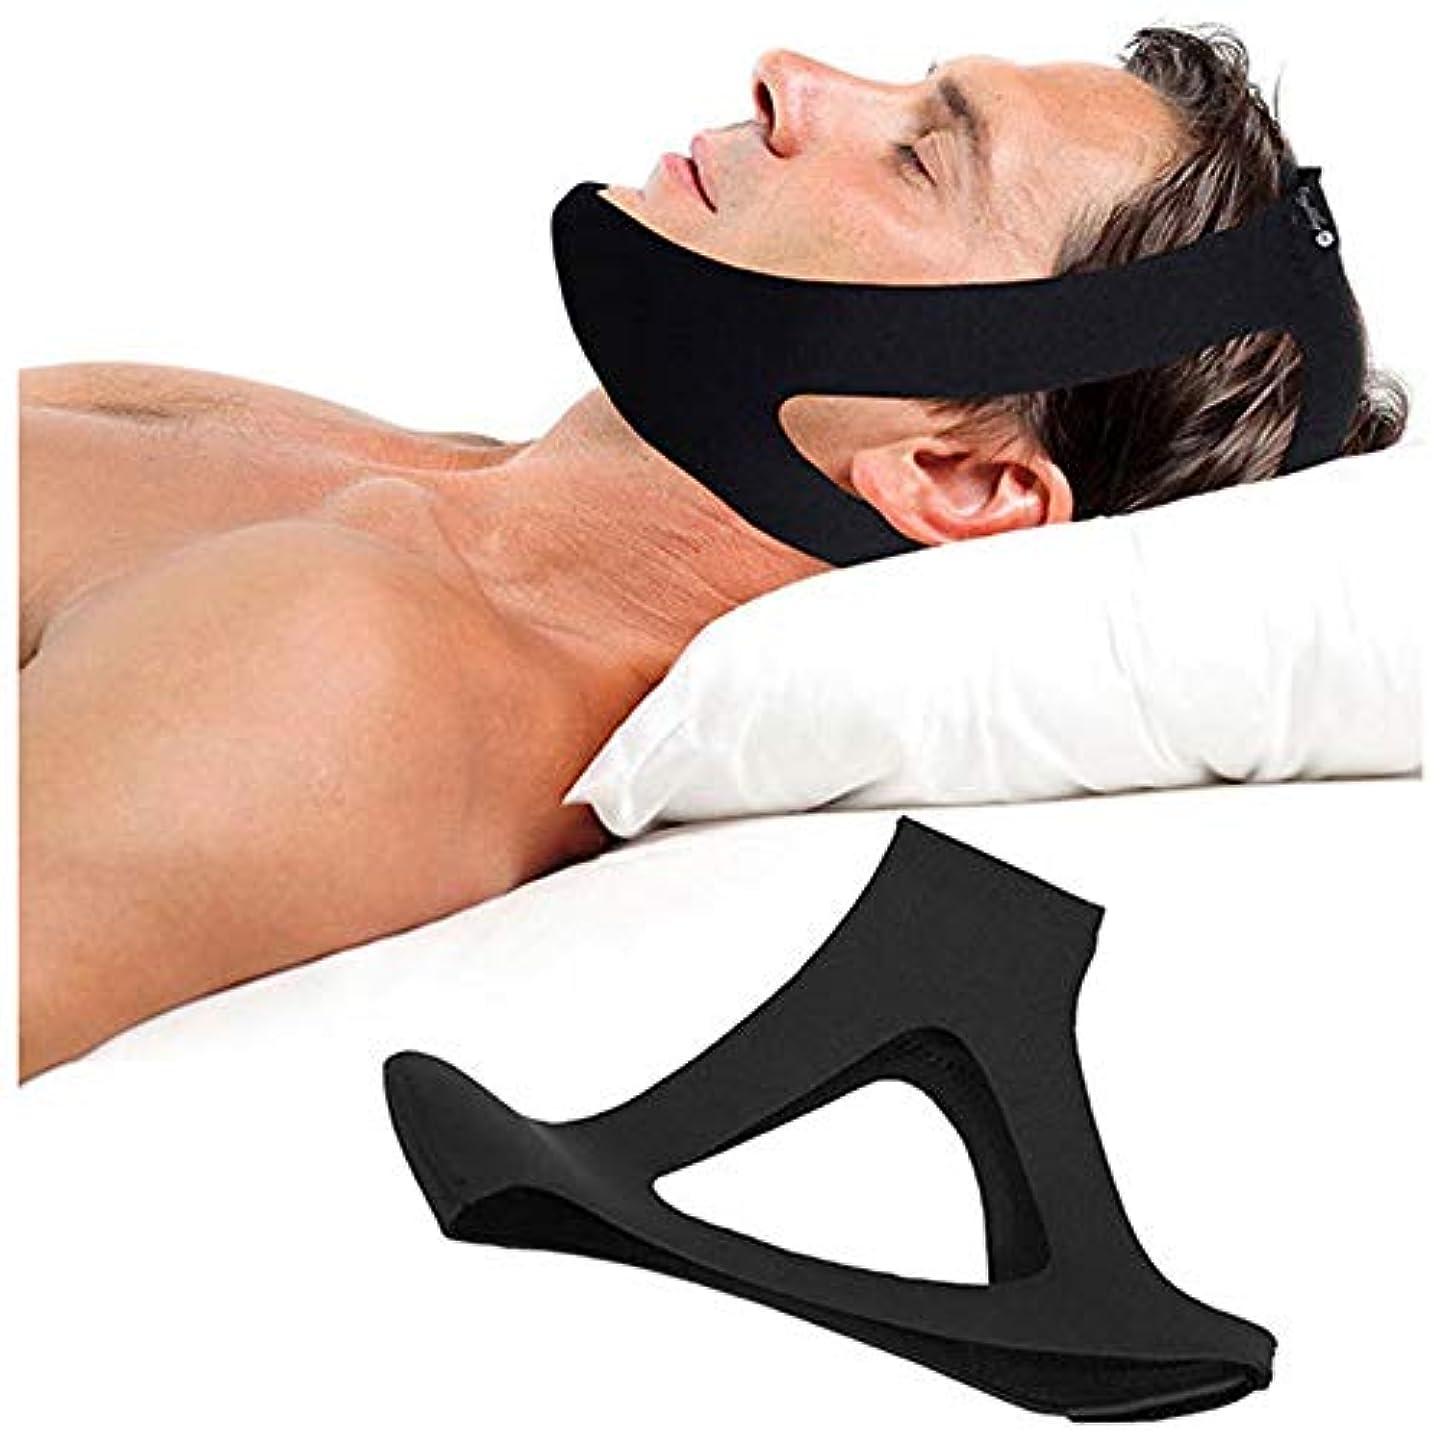 マルコポーロ落胆するたっぷりアンチいびきあごストラップ停止いびきいびきベルト睡眠時無呼吸あごサポートストラップ女性男性ナイト睡眠補助ツールフェイスリフトツール,A